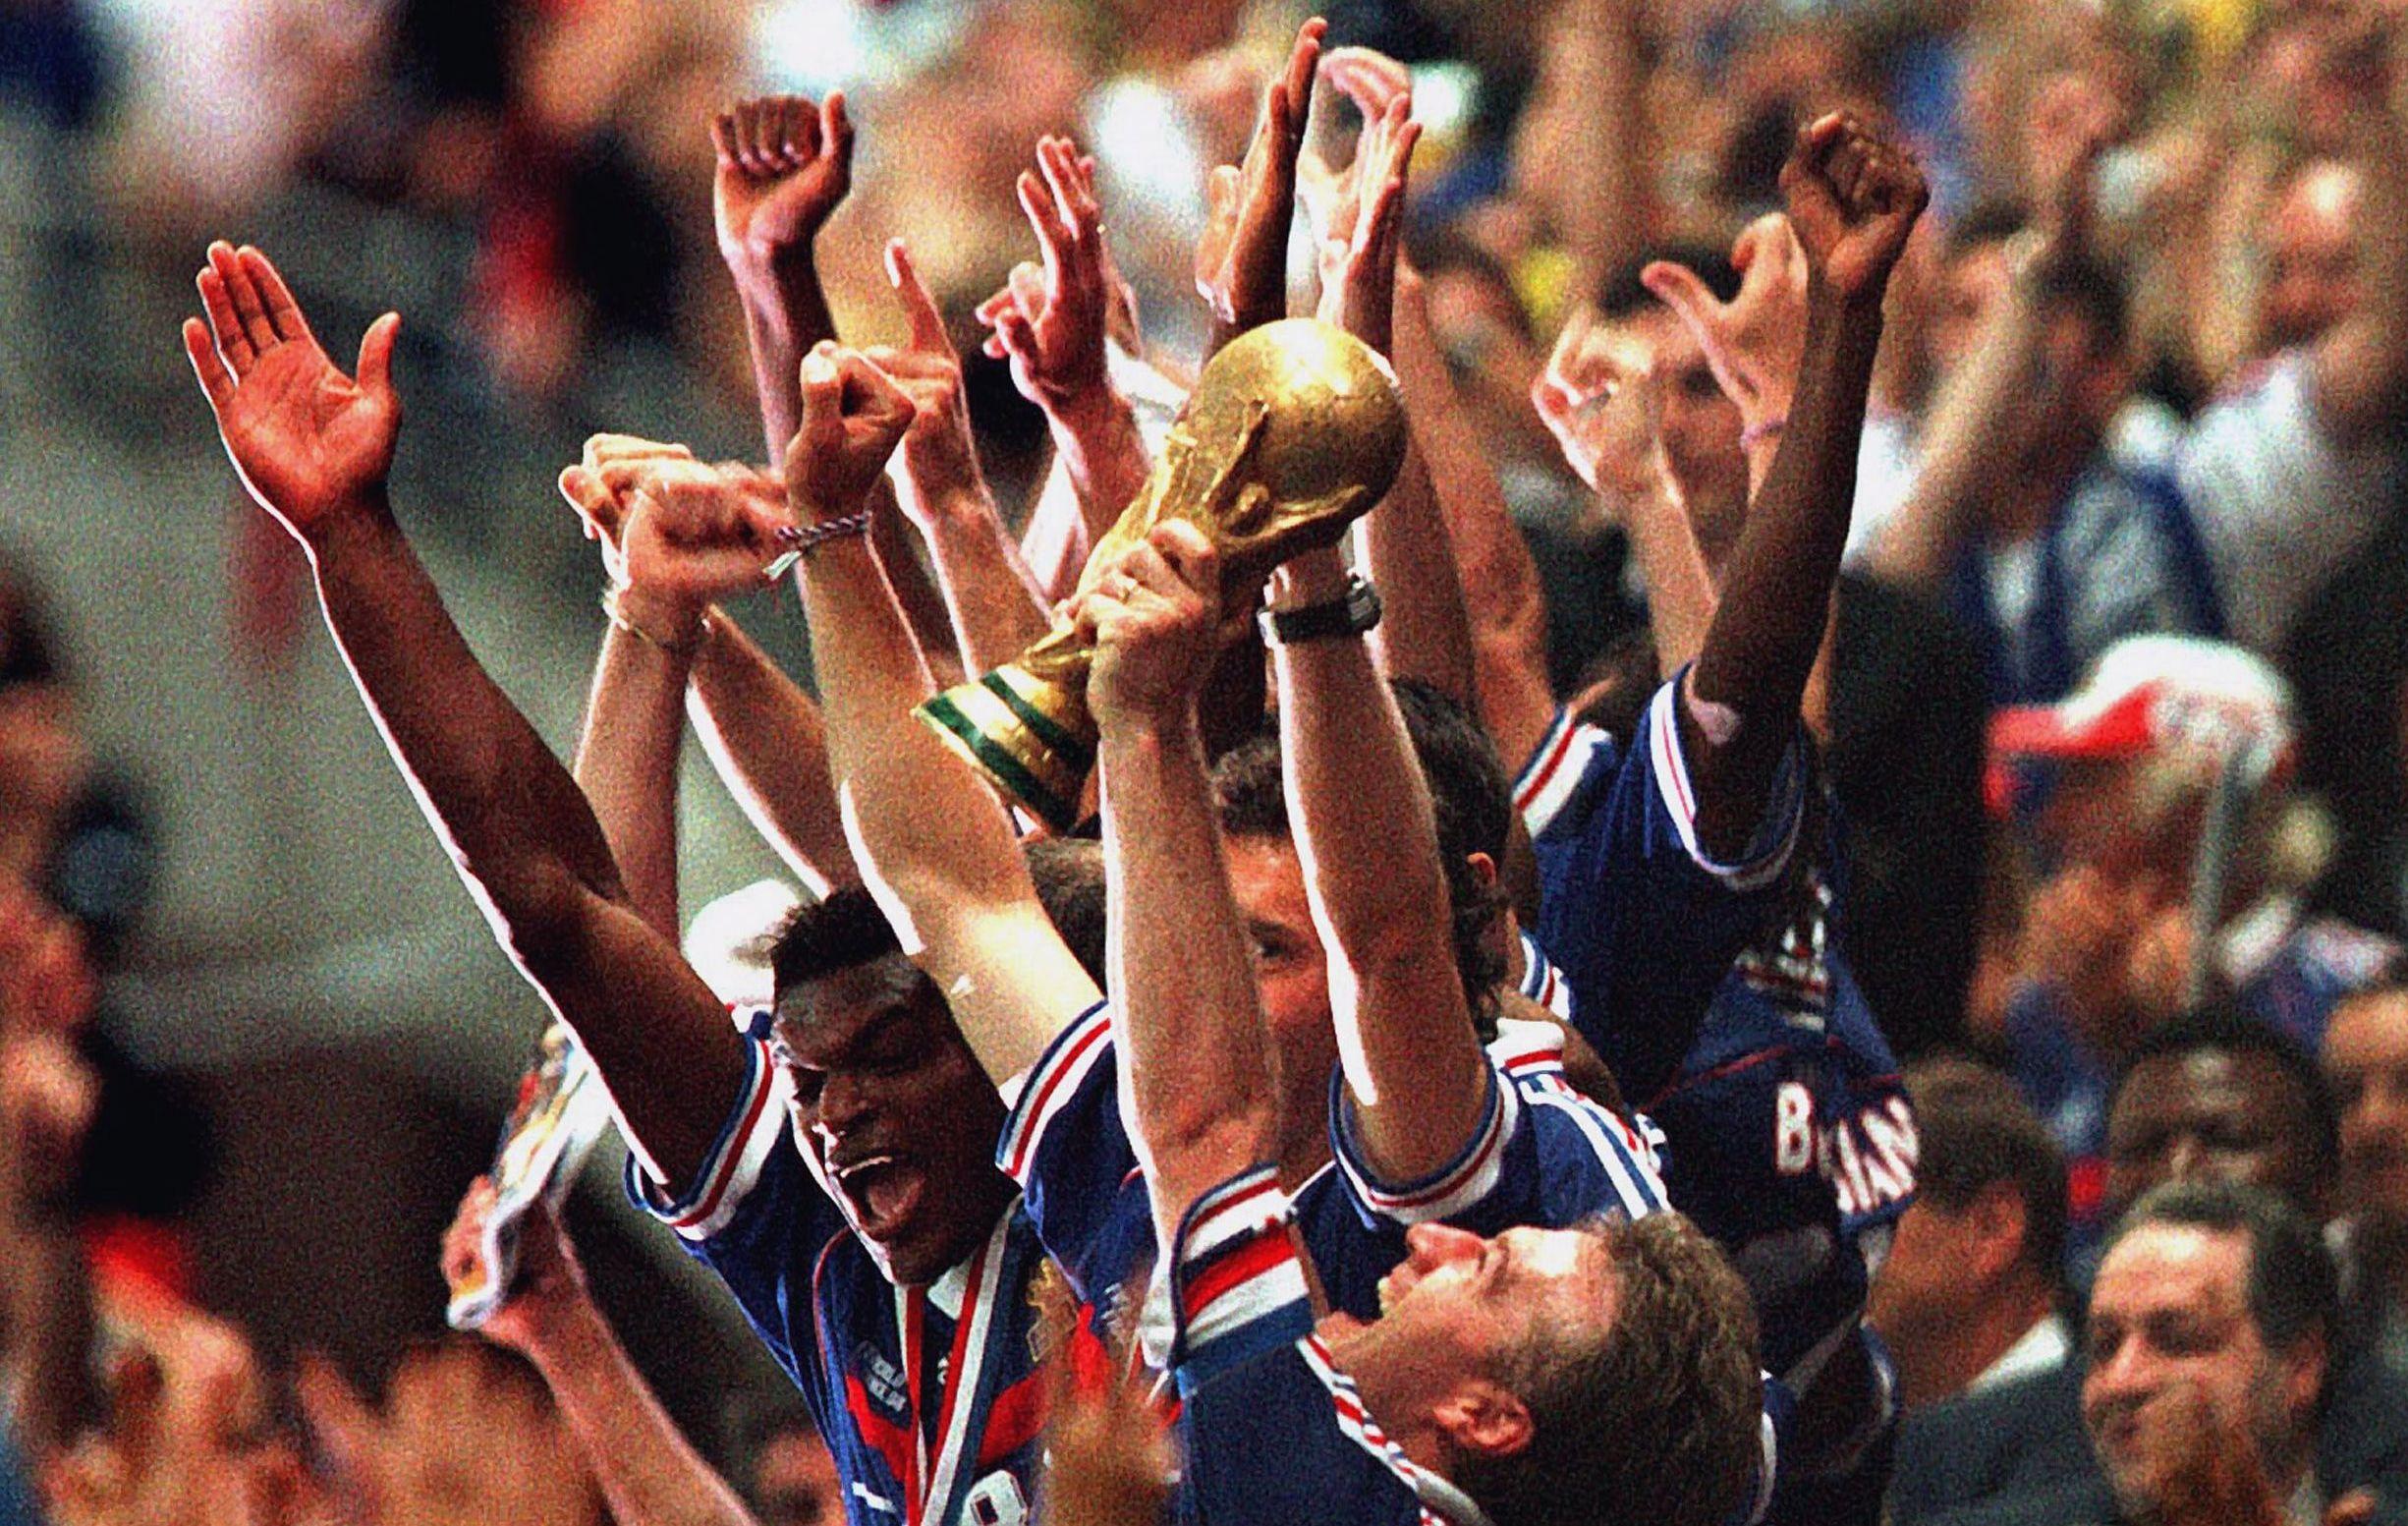 Le parcours des bleus en coupe du monde equipe de france 2014 br sil coupe du monde football - Resultats coupe du monde handball ...